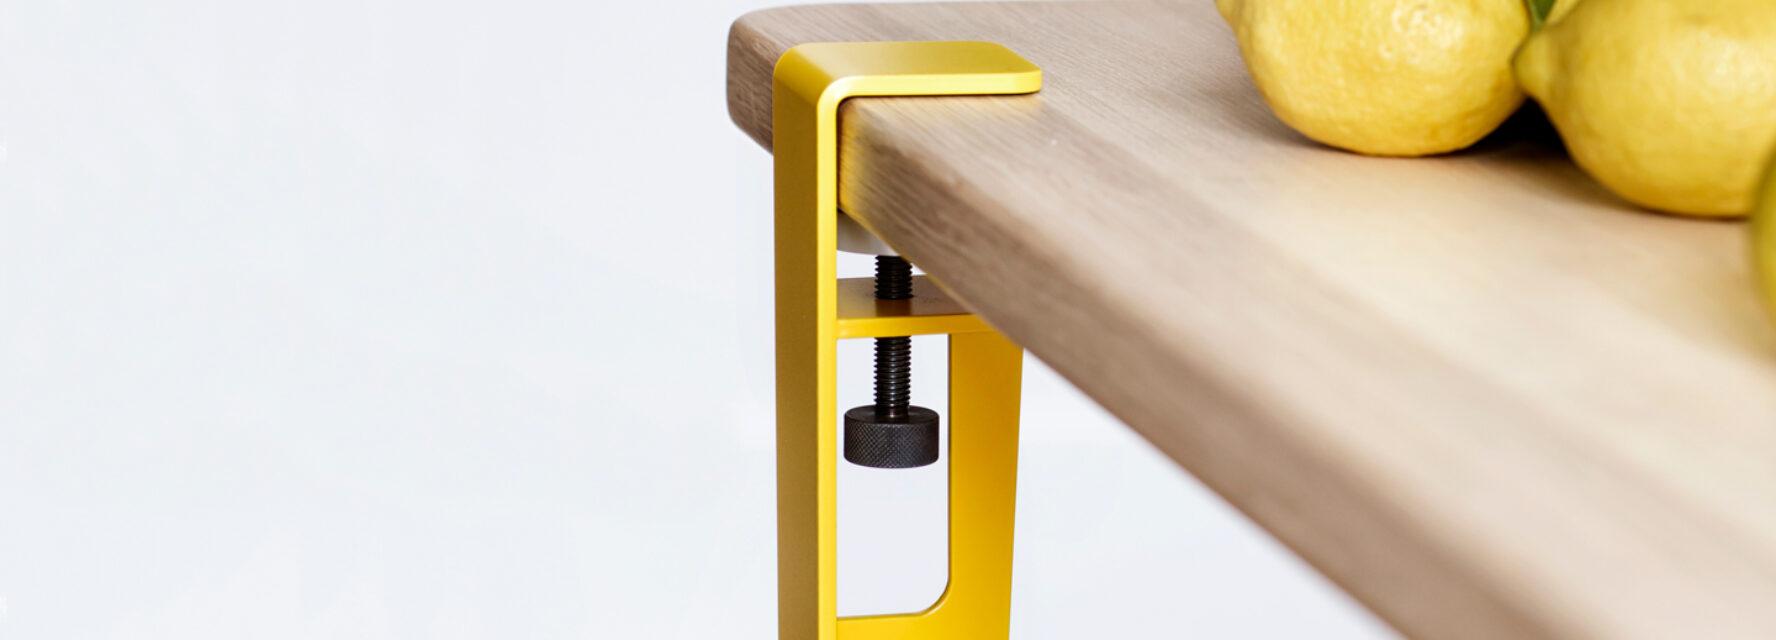 Table legs - TIPTOE